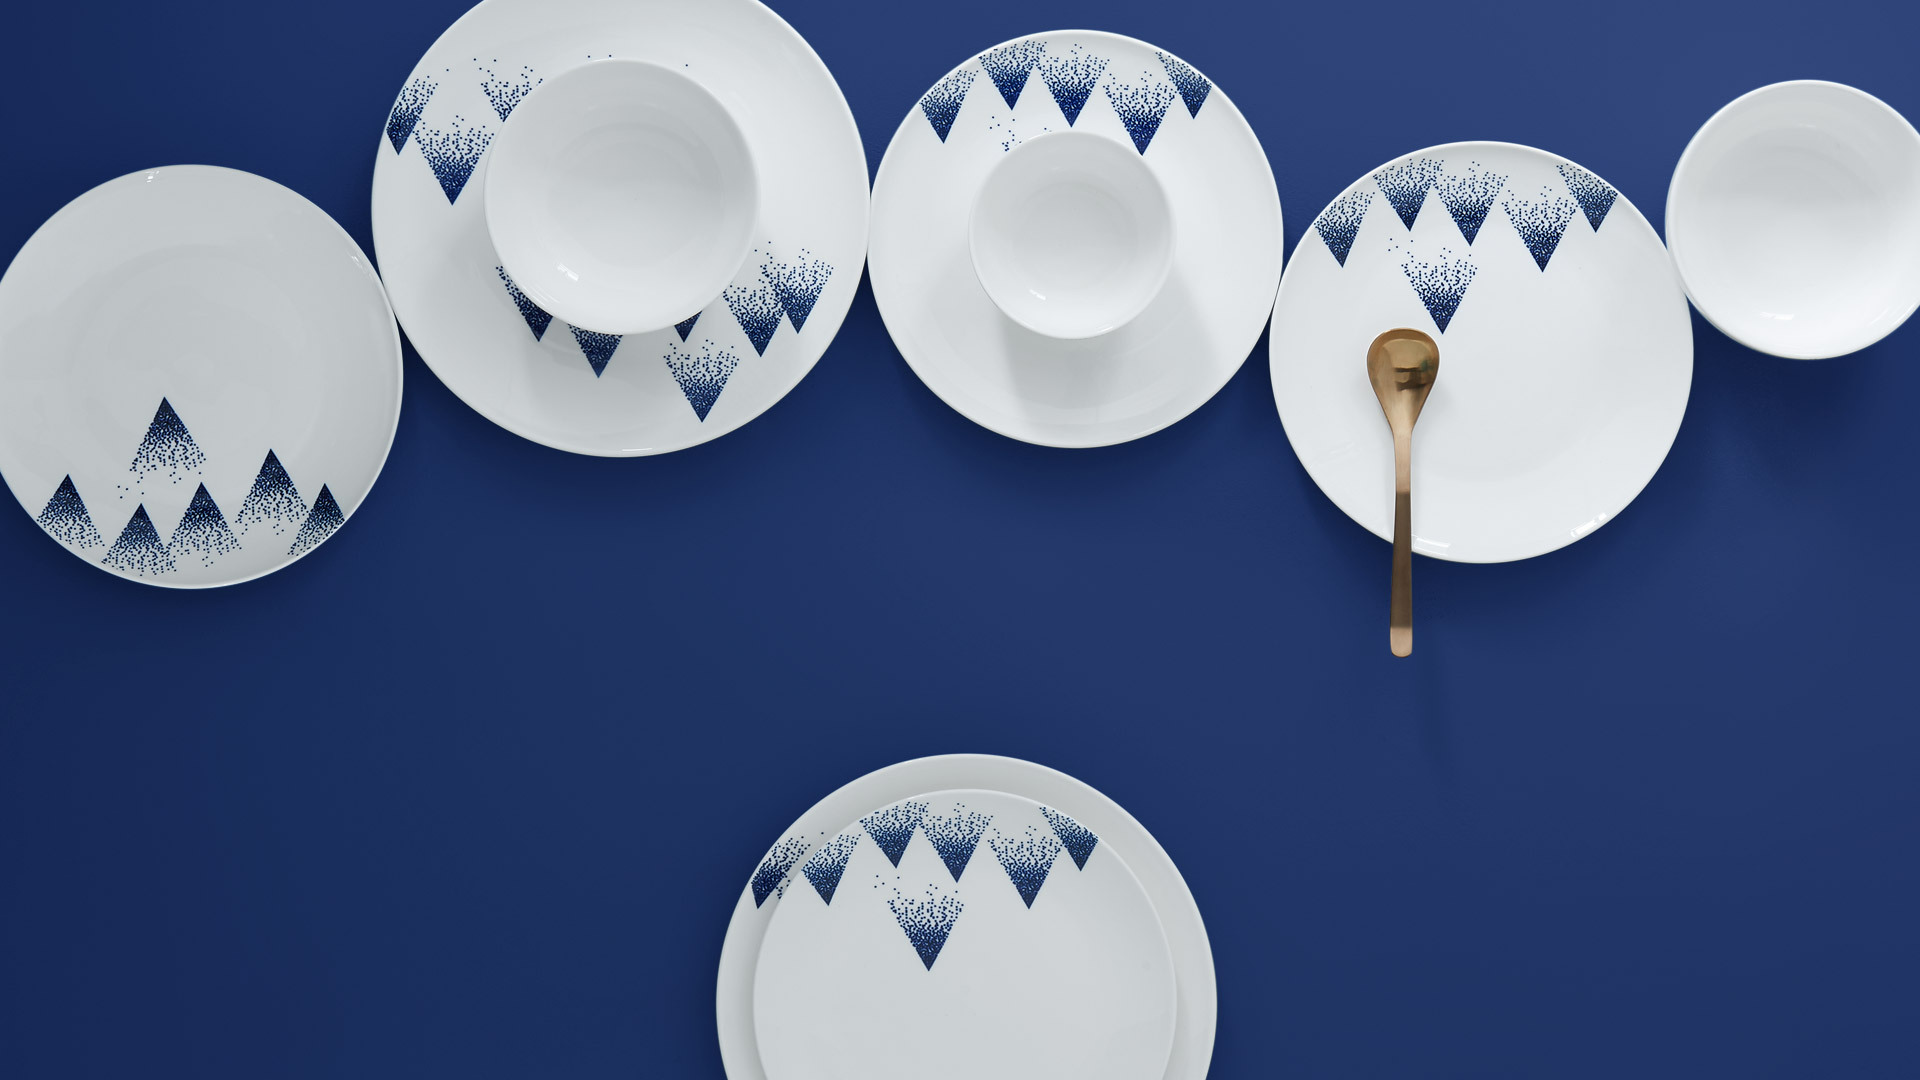 法国瓷土与中国青花,散落一桌清冽